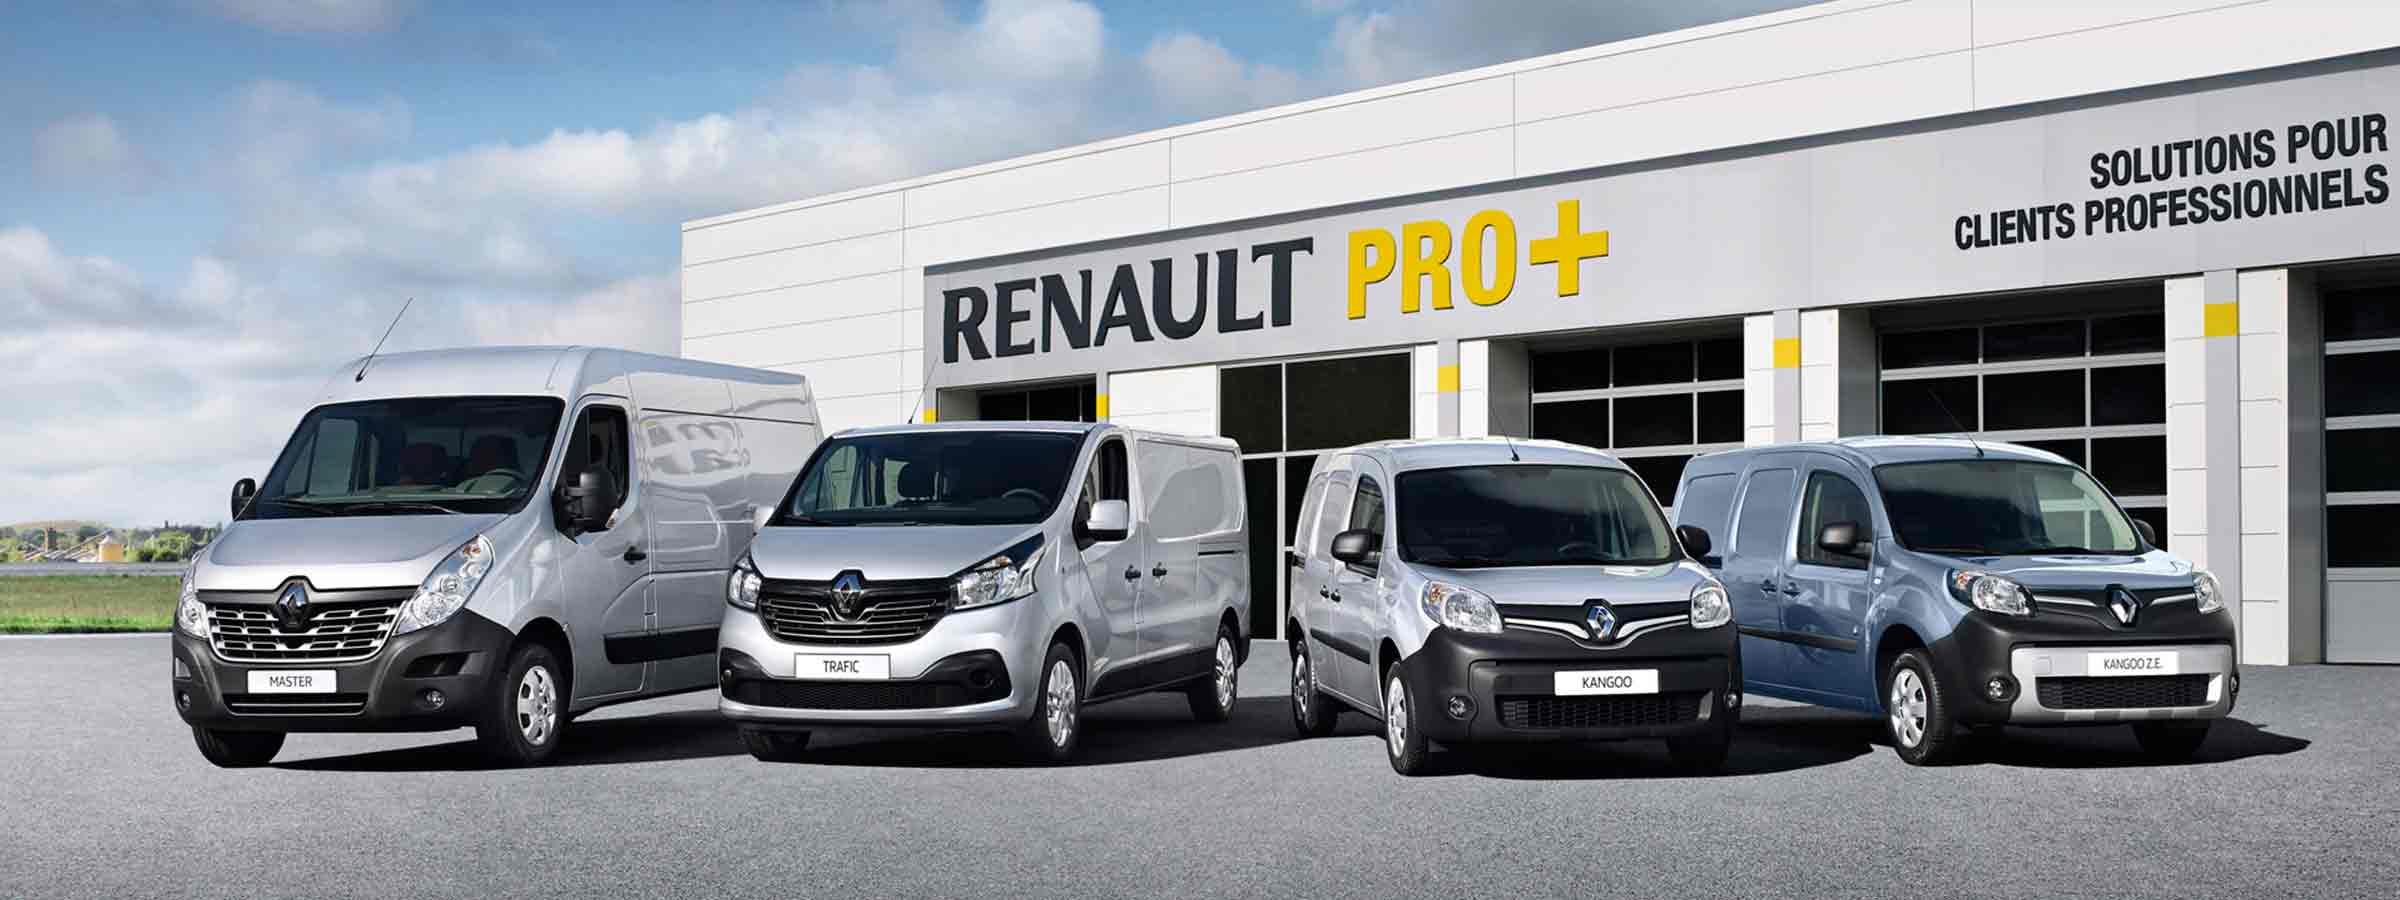 Renault Pro+ Profi Nutzfahrzeuge für Firmenkunden Garage Galliker Gruppe